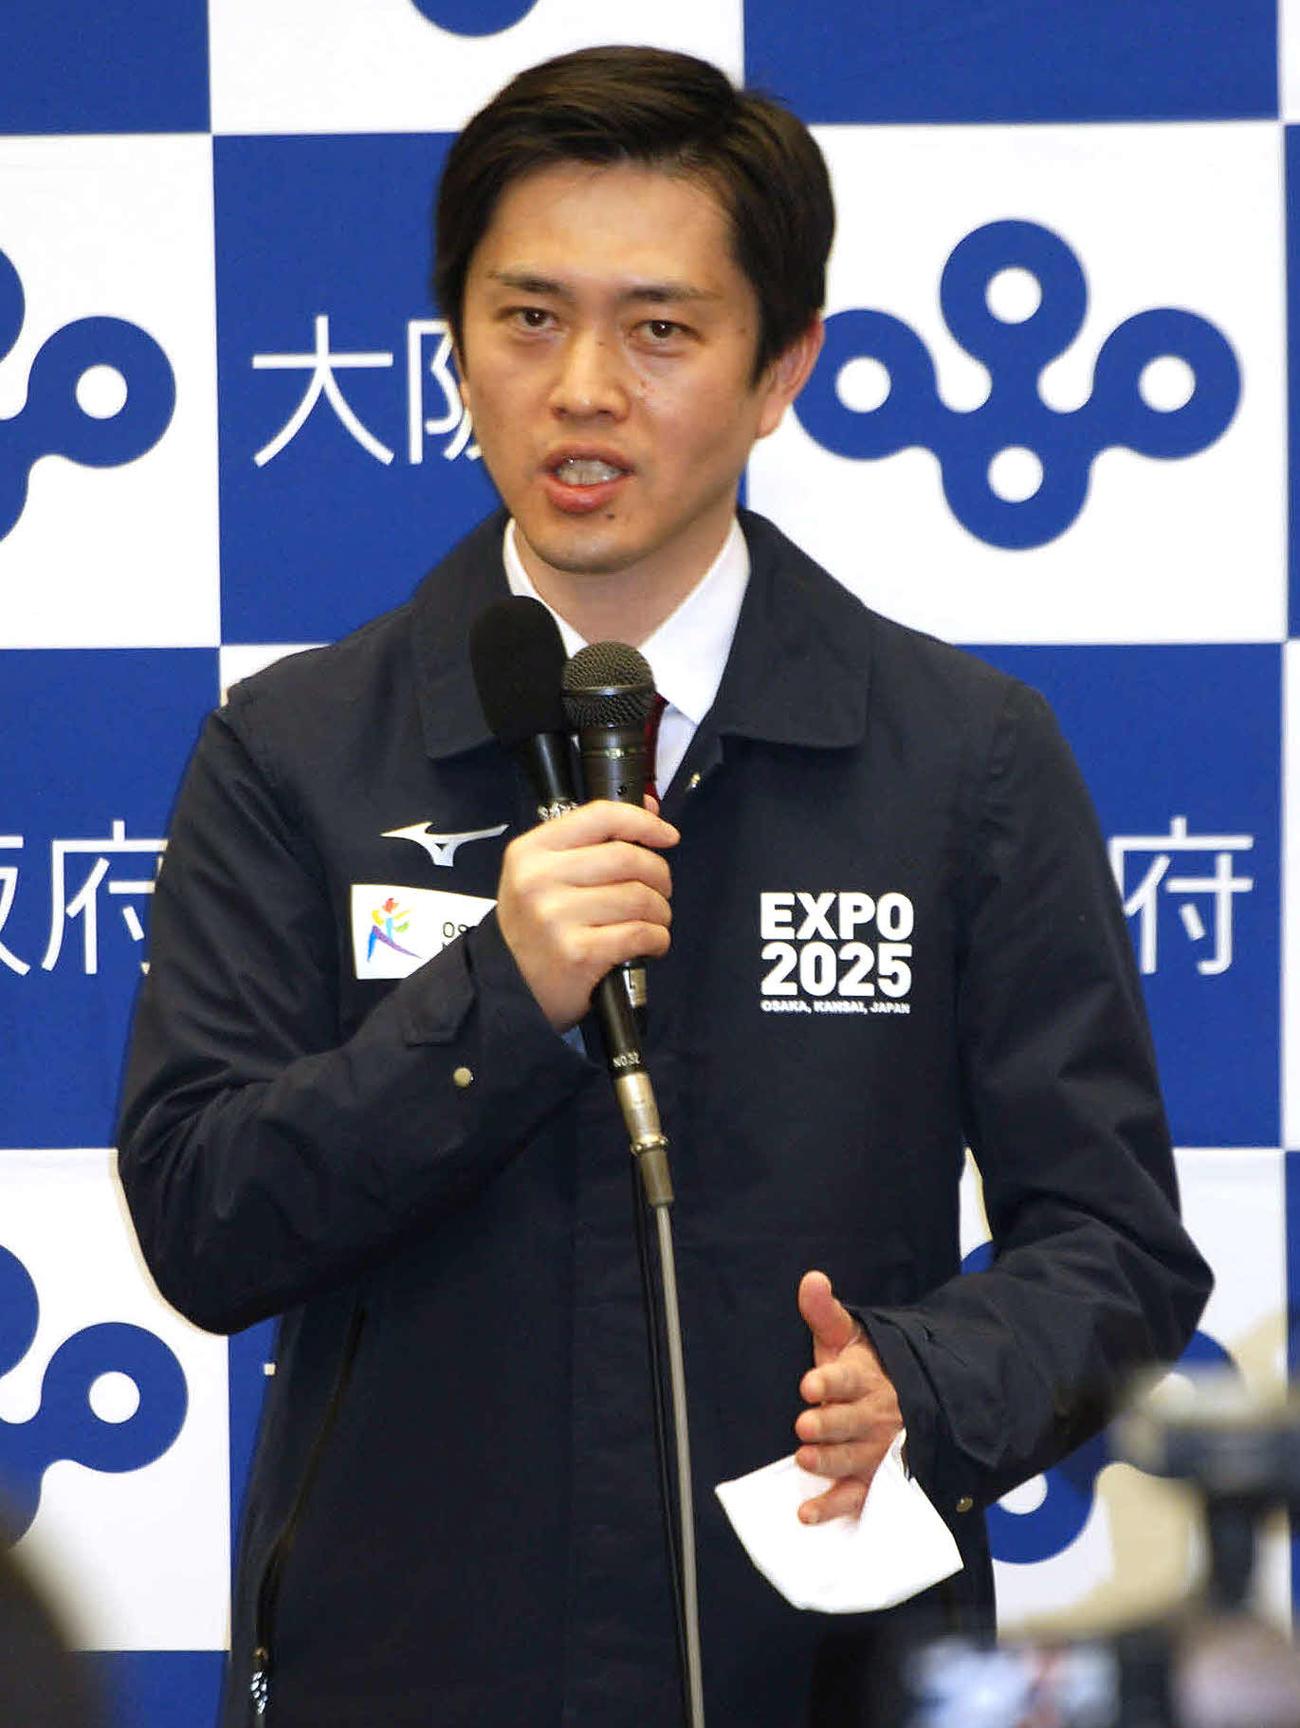 対策本部会議後、会見する大阪府の吉村洋文知事